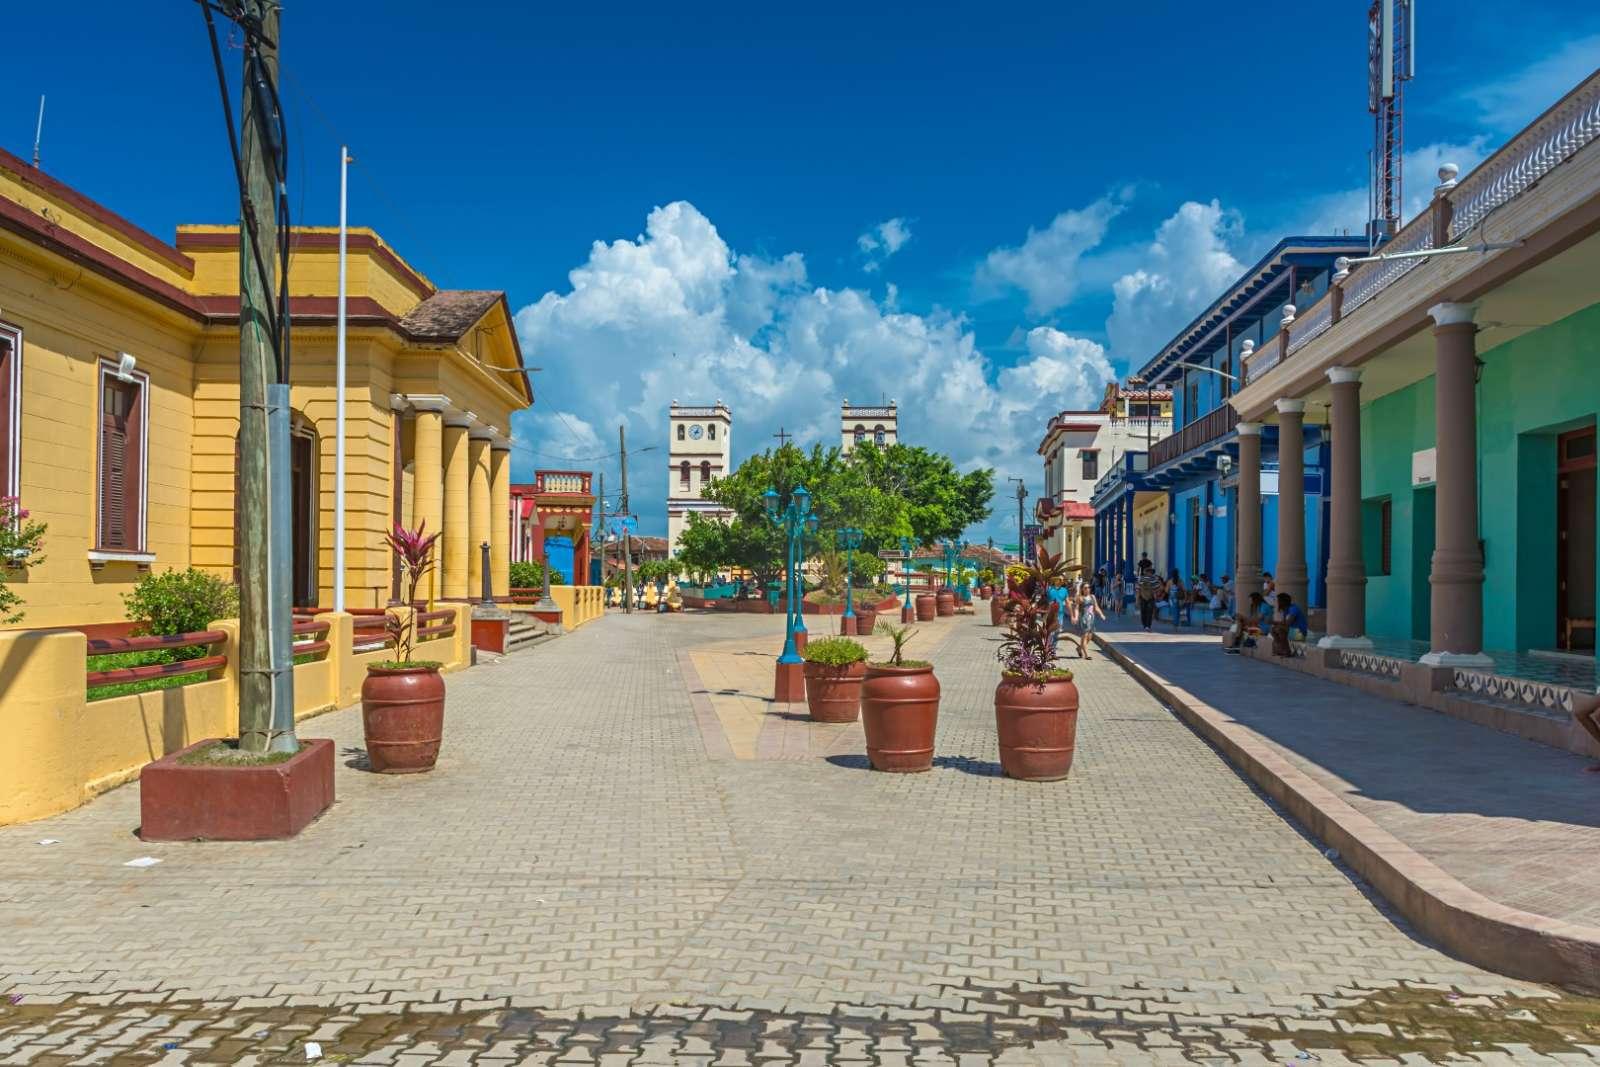 Main square in Baracoa, Cuba